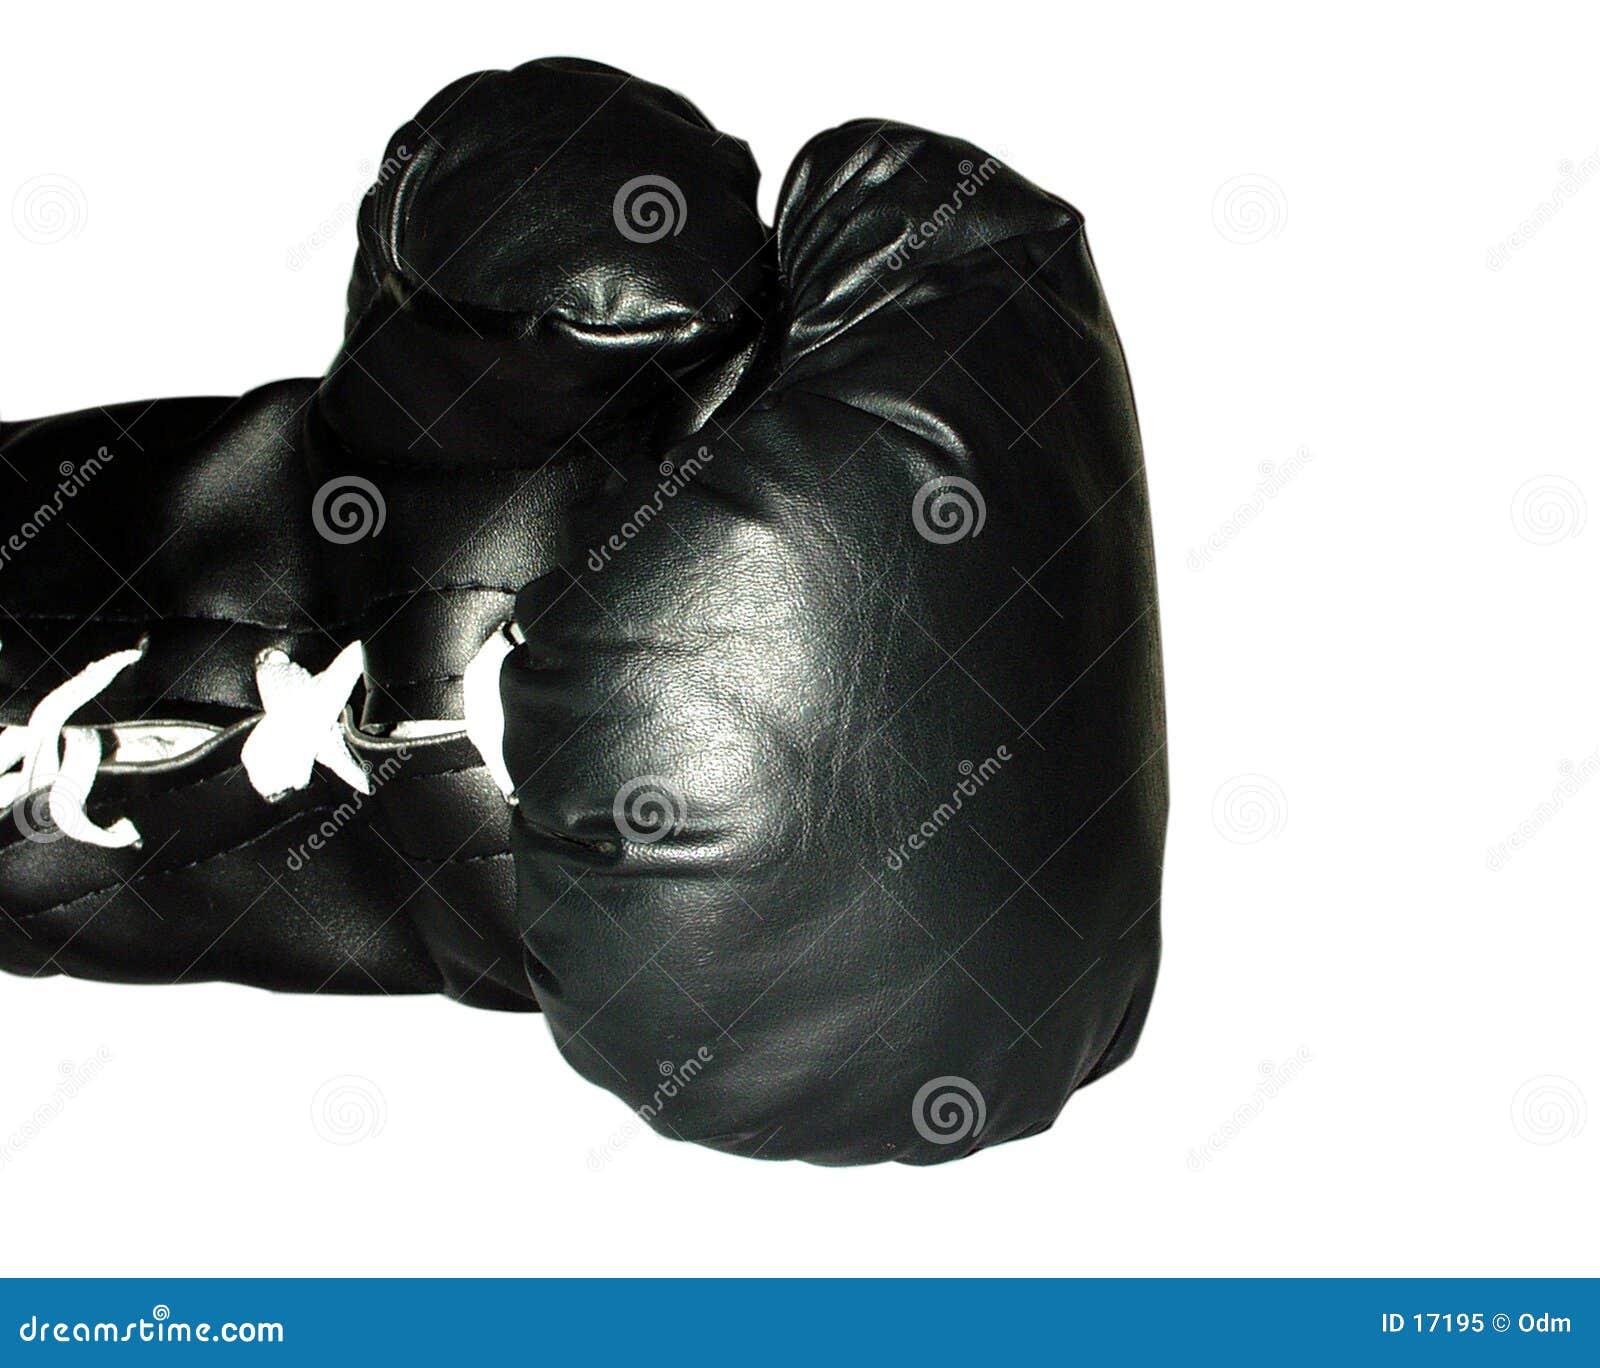 黑色拳击手套